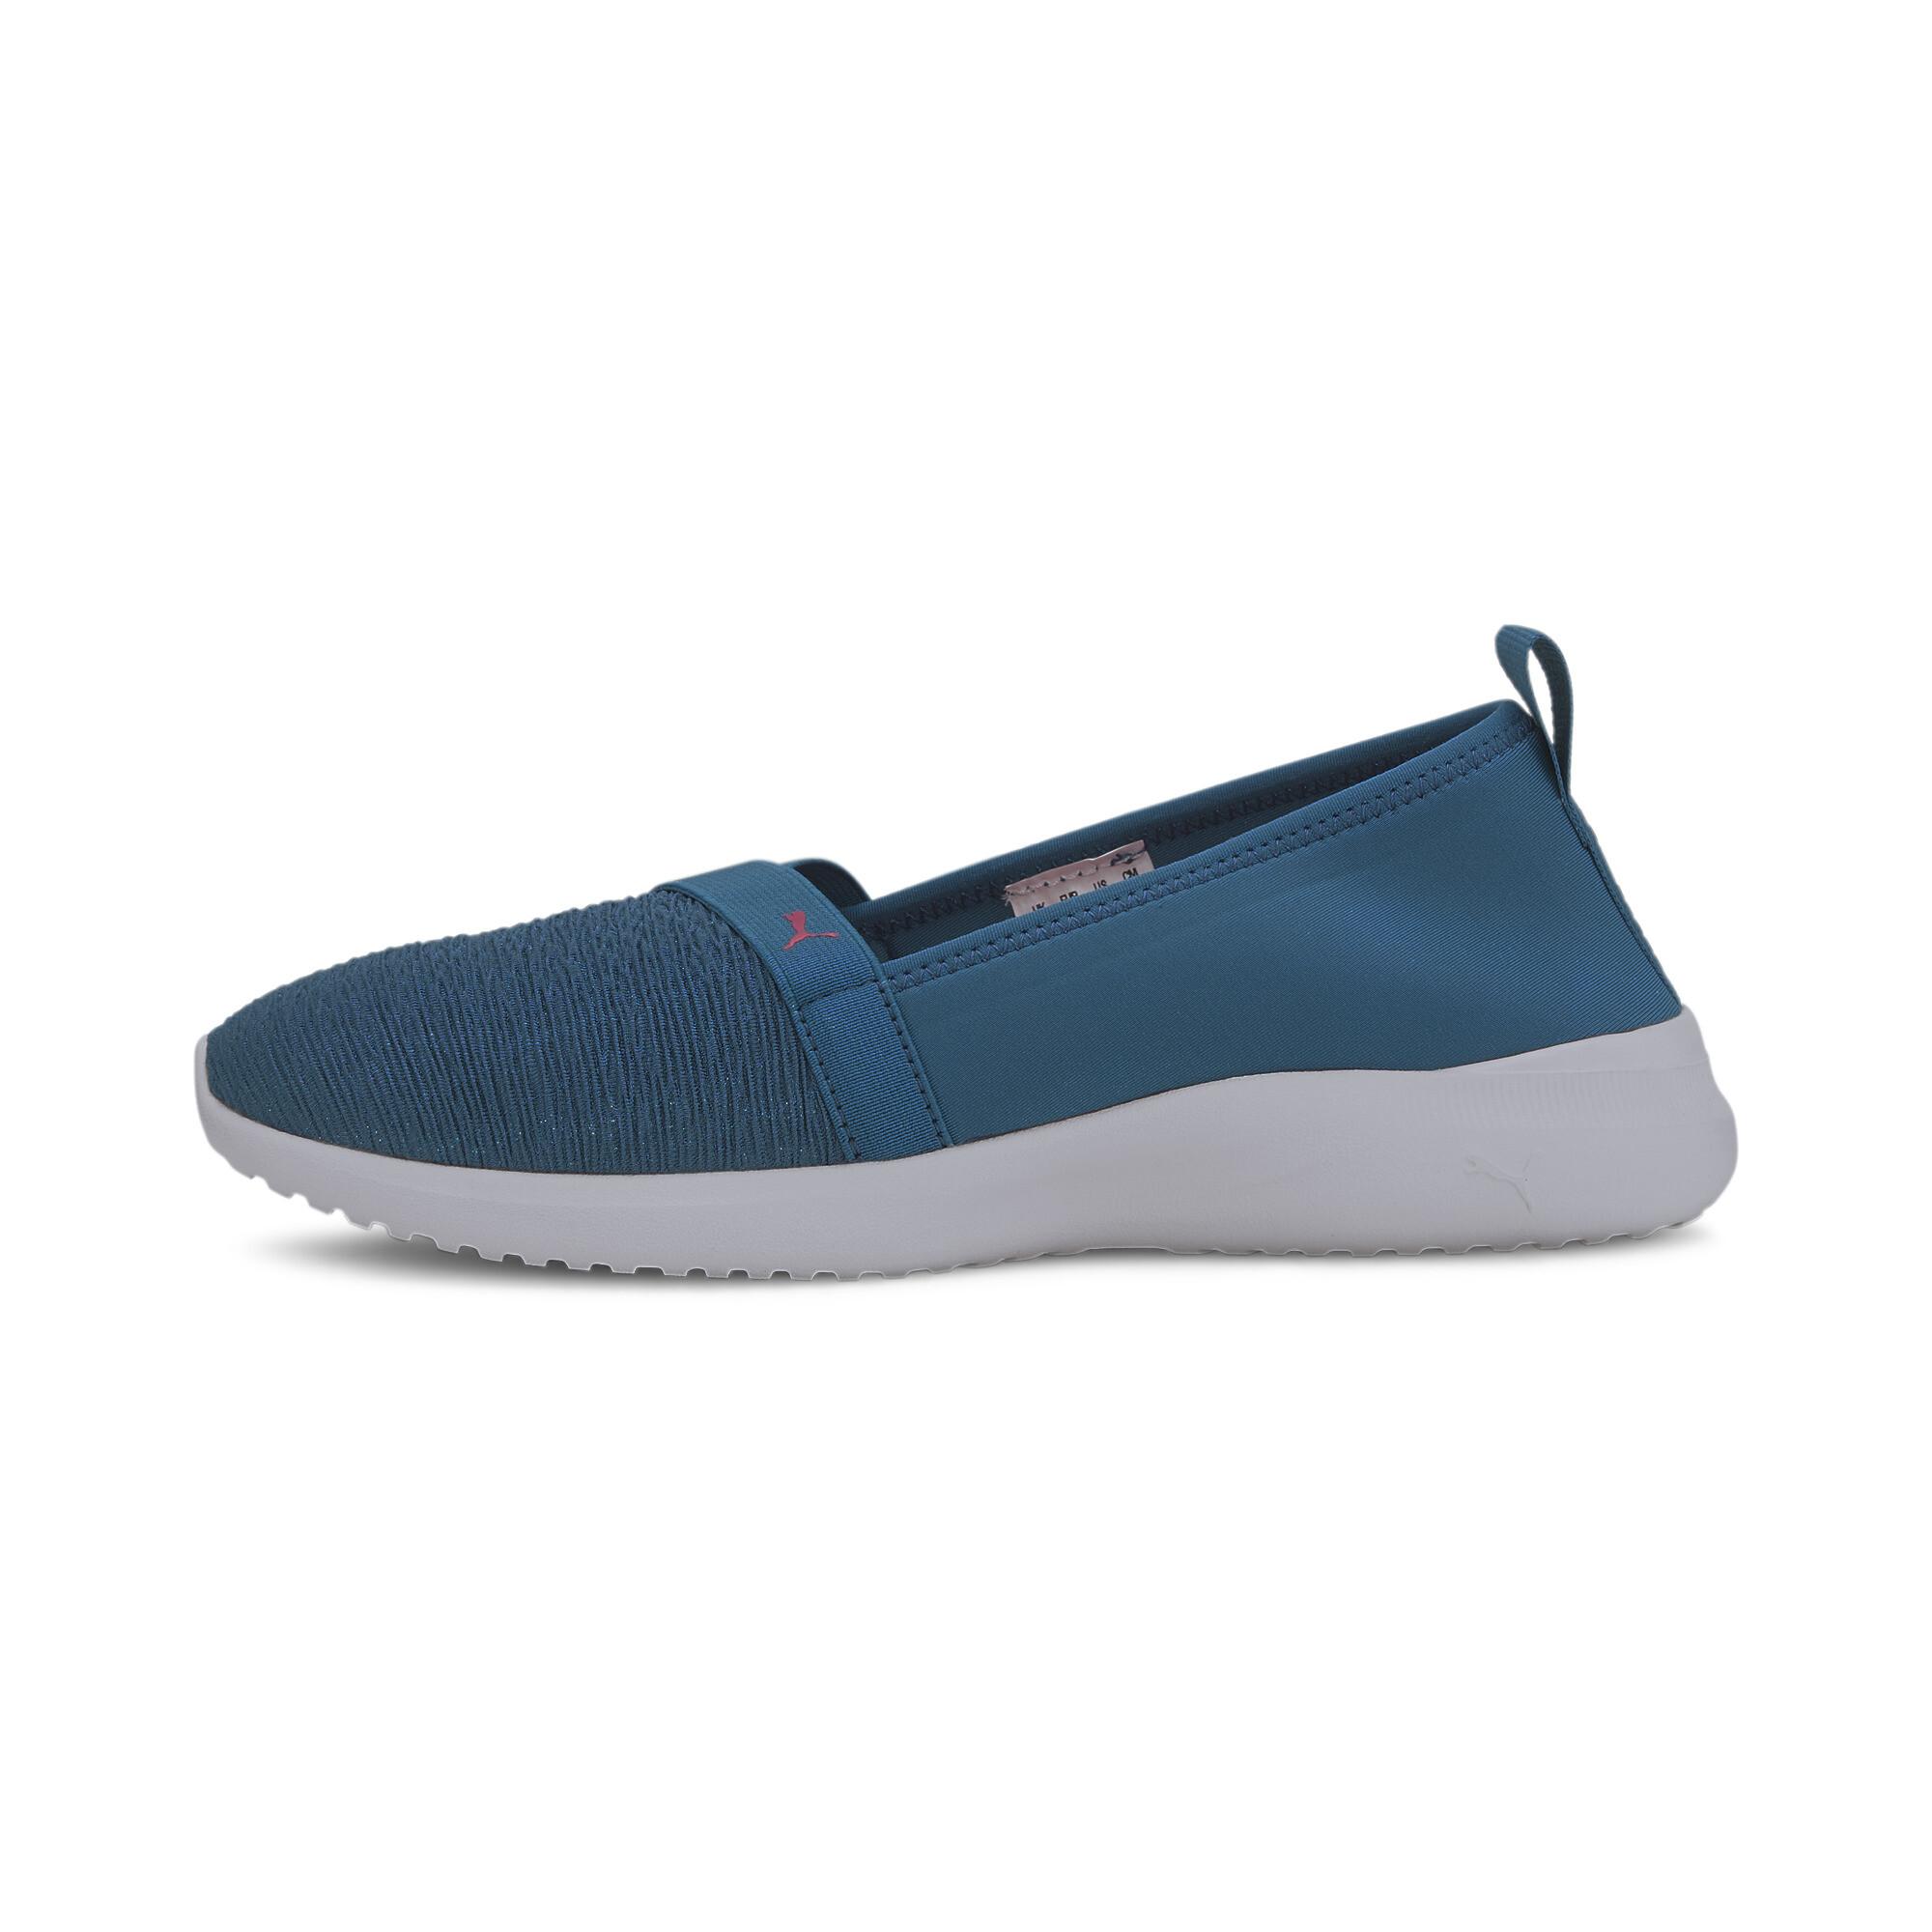 PUMA-Women-039-s-Adelina-Ballet-Shoes thumbnail 20